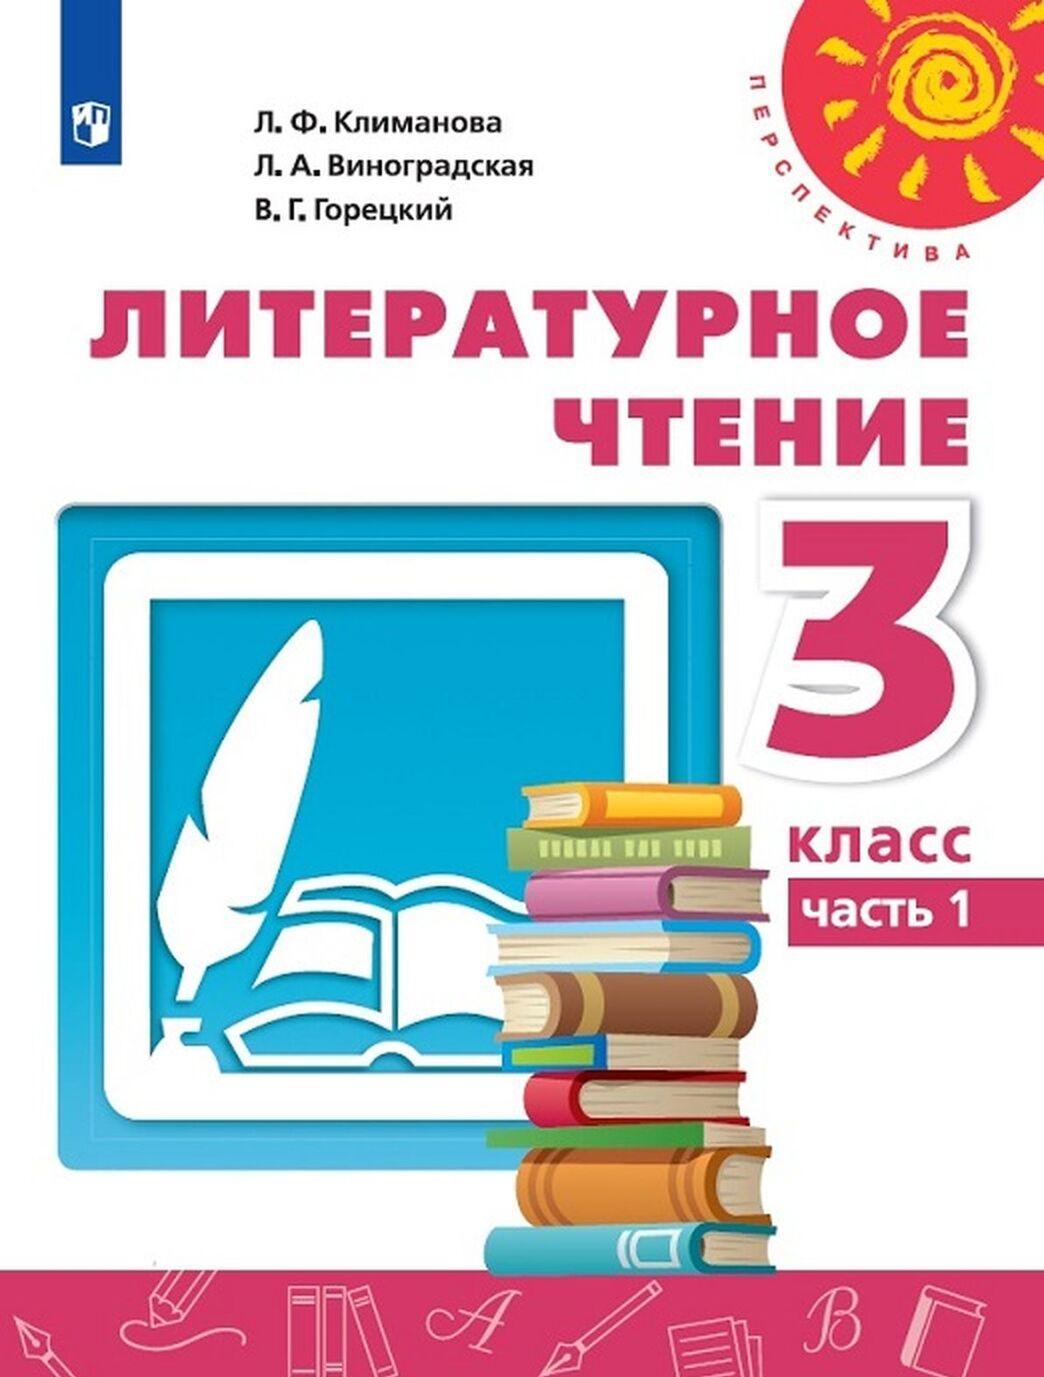 Literaturnoe chtenie. 3 klass. Uchebnik. V 2-kh chastjakh. Chast 1